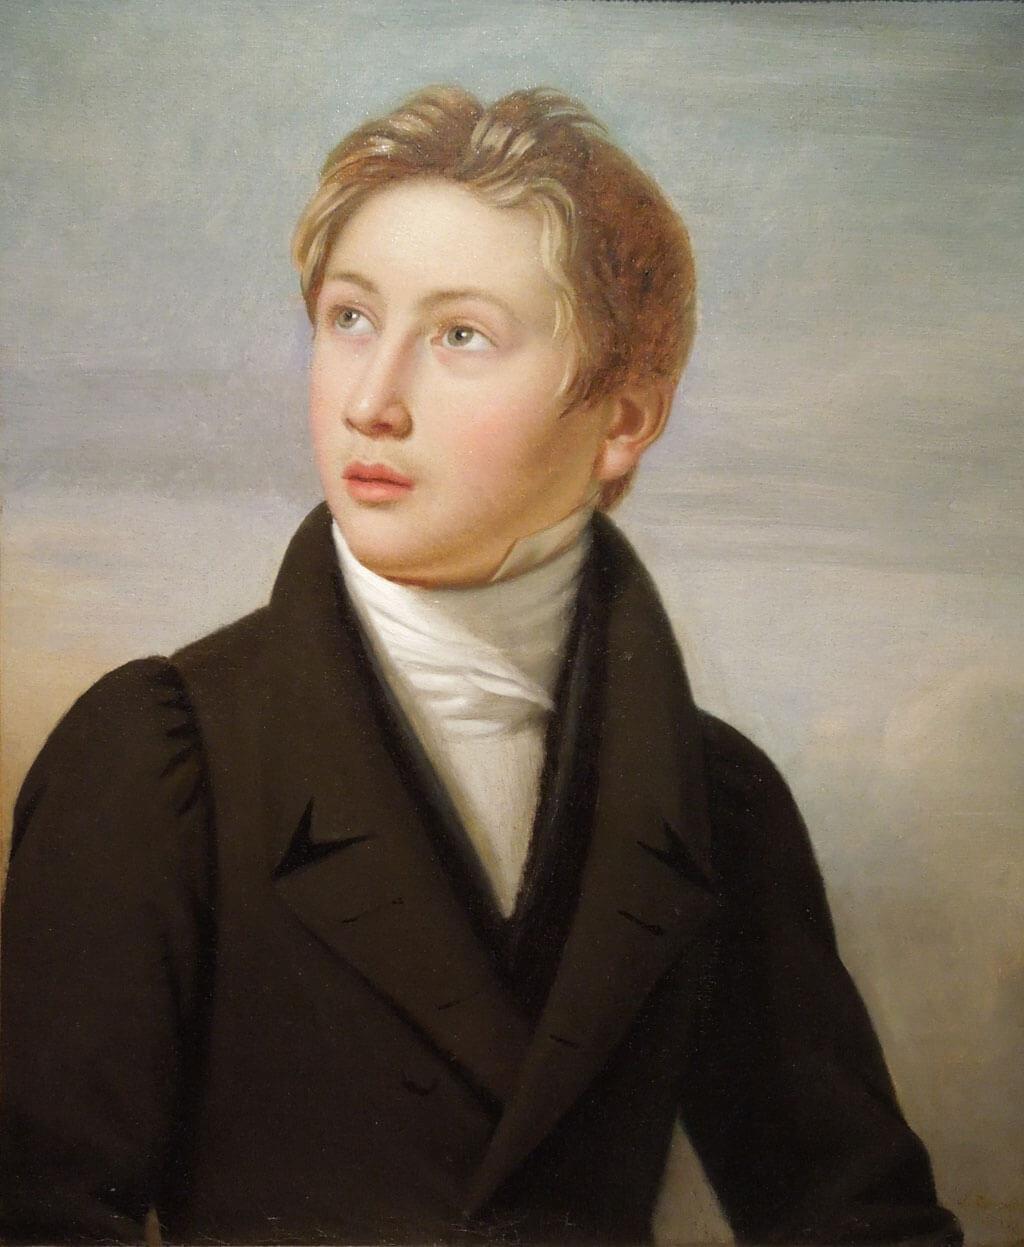 Liszt, by J. Vignaud, 1826